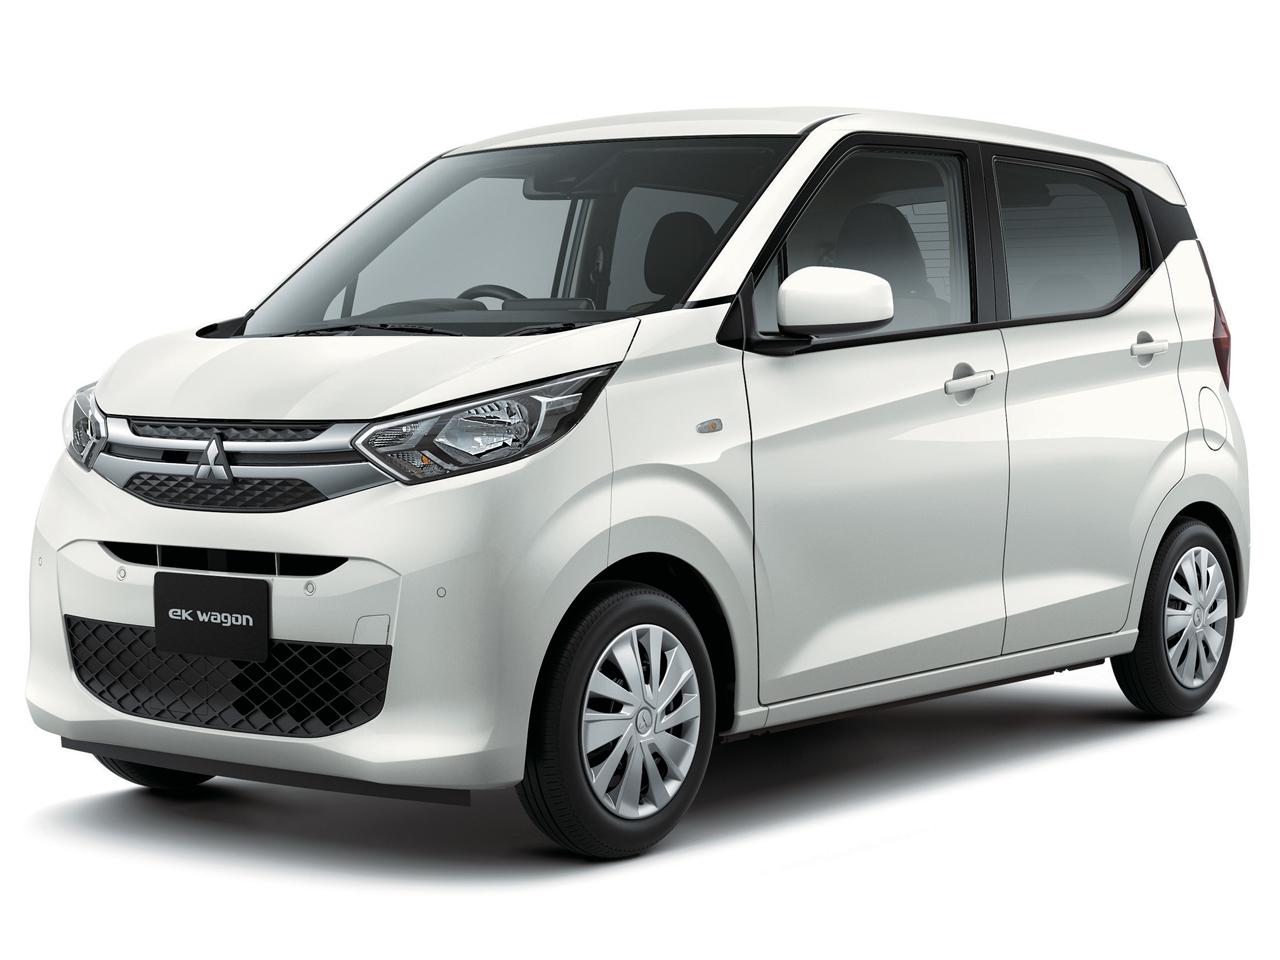 三菱 eKワゴン 2019年モデル 新車画像